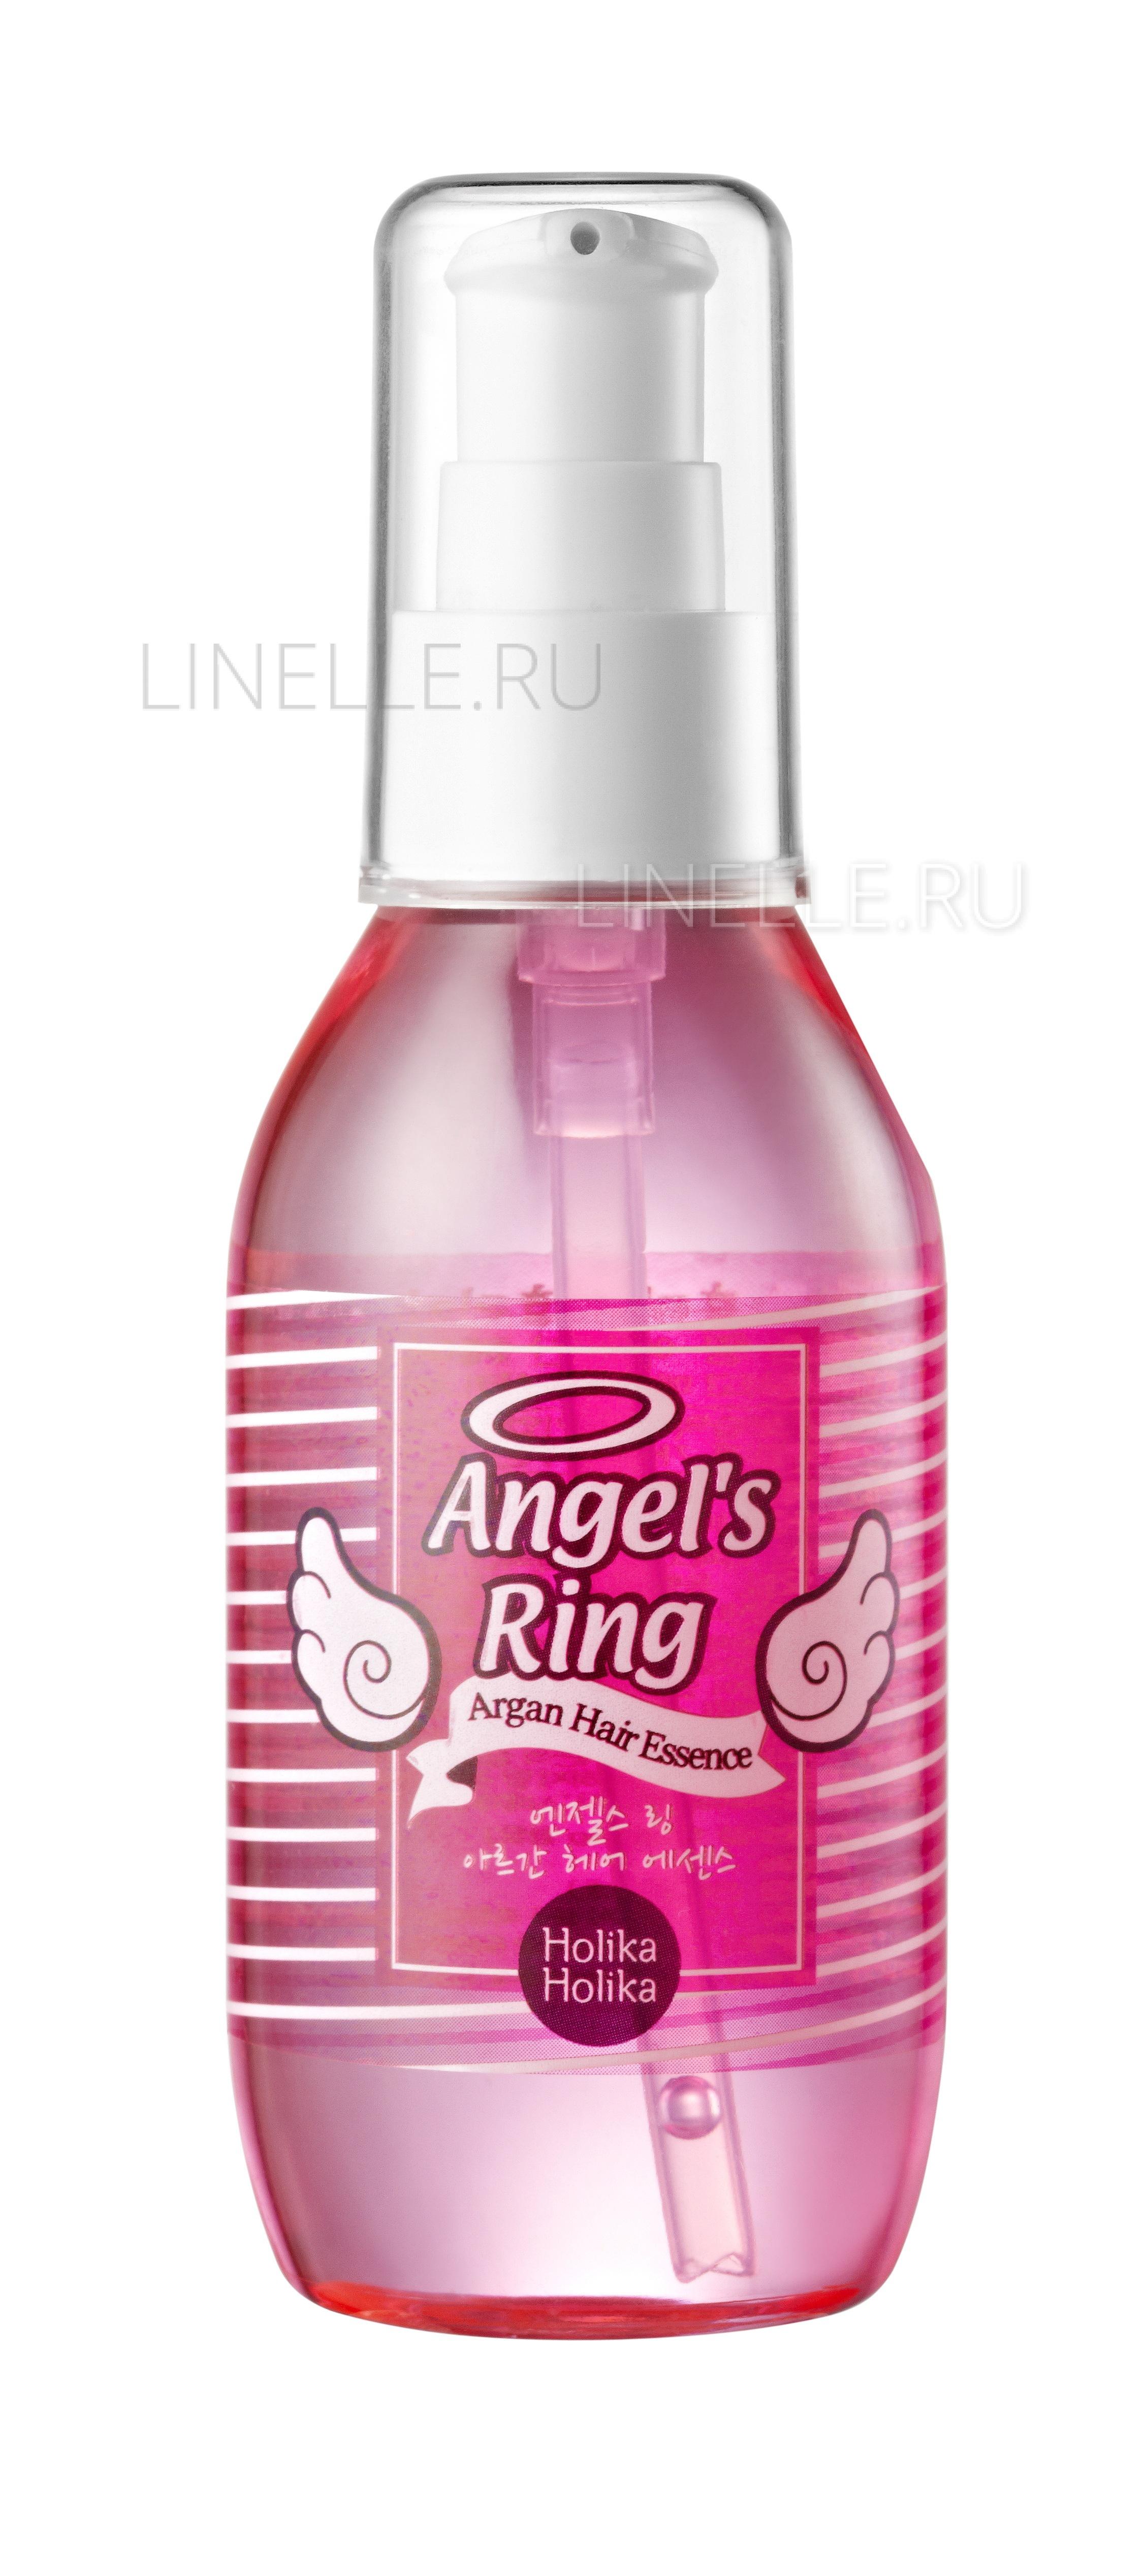 HOLIKA HOLIKA Angel's ring argan hair essence